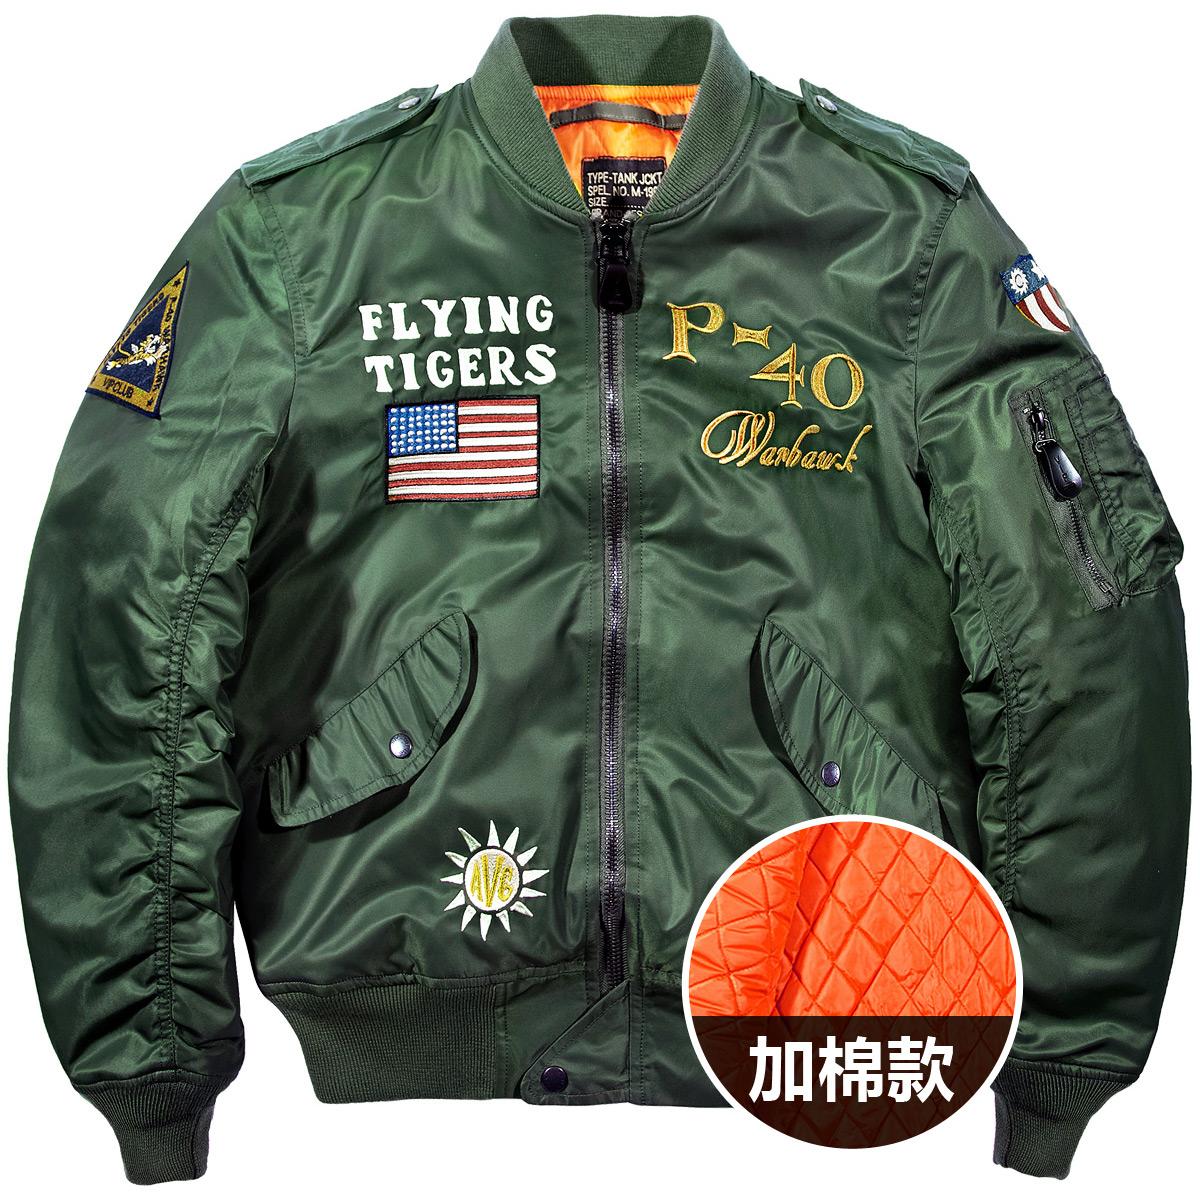 VIP春季美国空军ma1飞行员夹克男青年薄款工装外套春秋棒球服棉衣